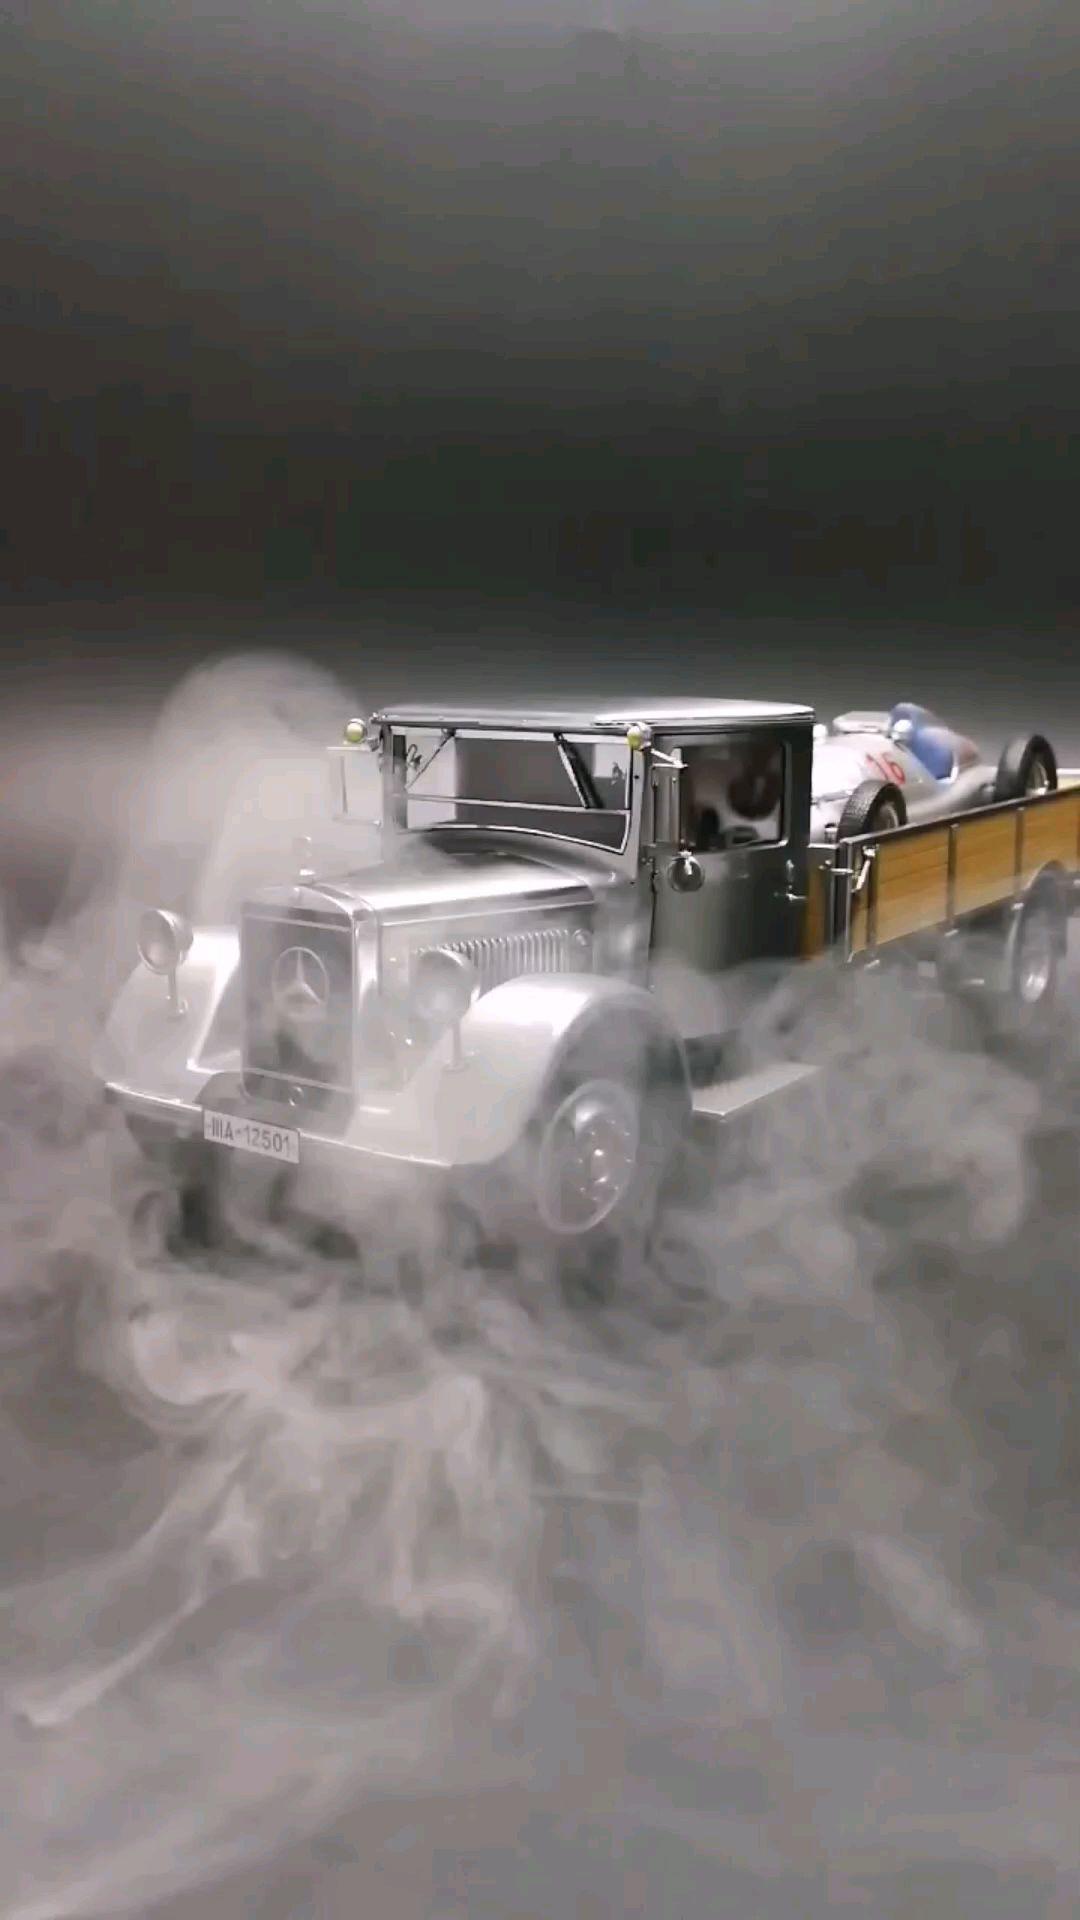 1934奔驰木头车箱卡车,1:18比例,东晓汽车模型收藏馆藏品。